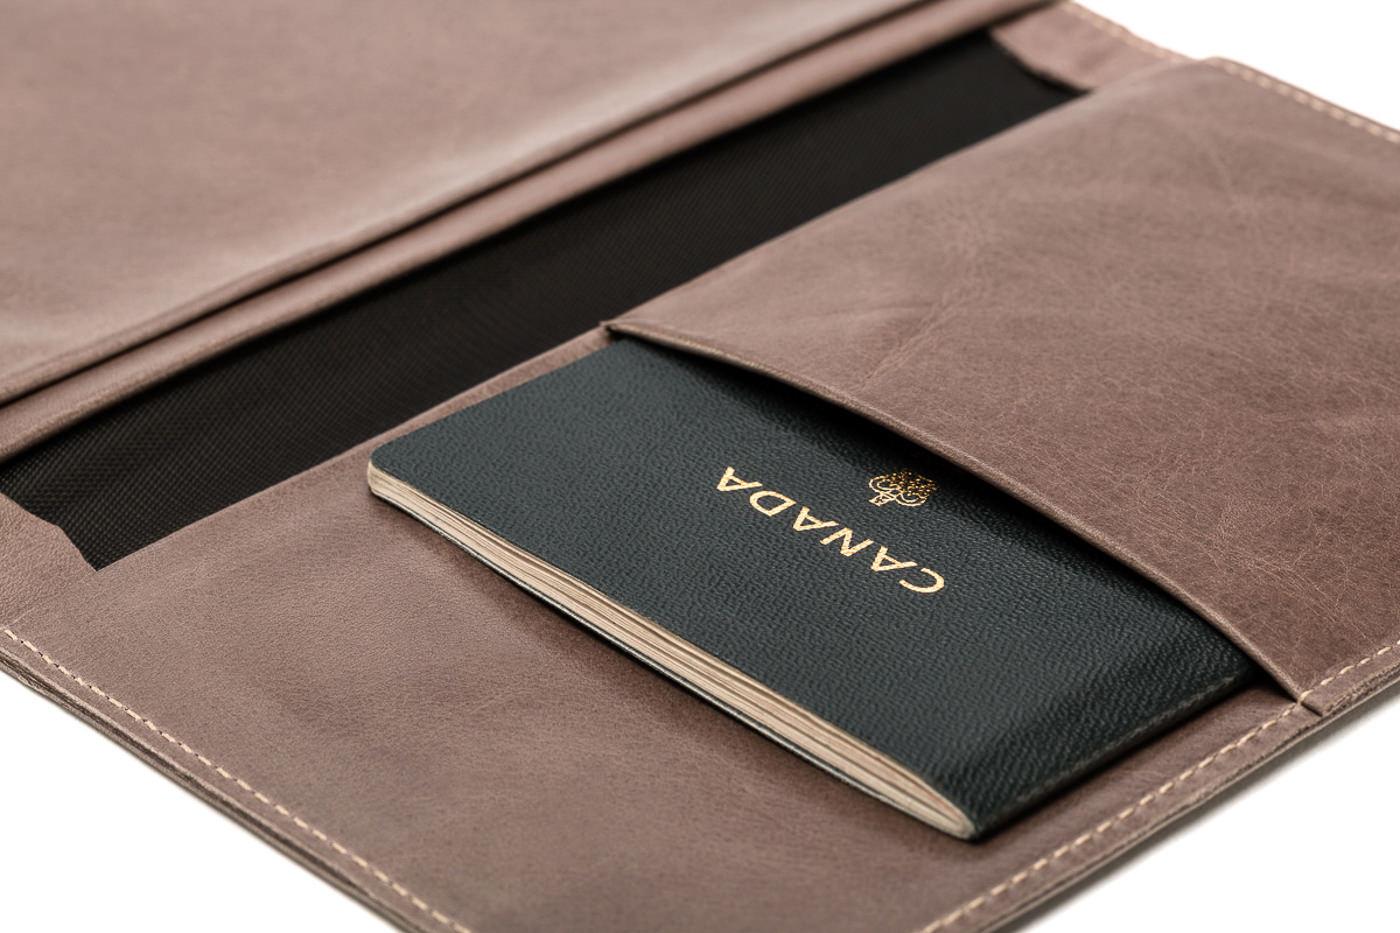 Étui de passeport en cuir brun m0851